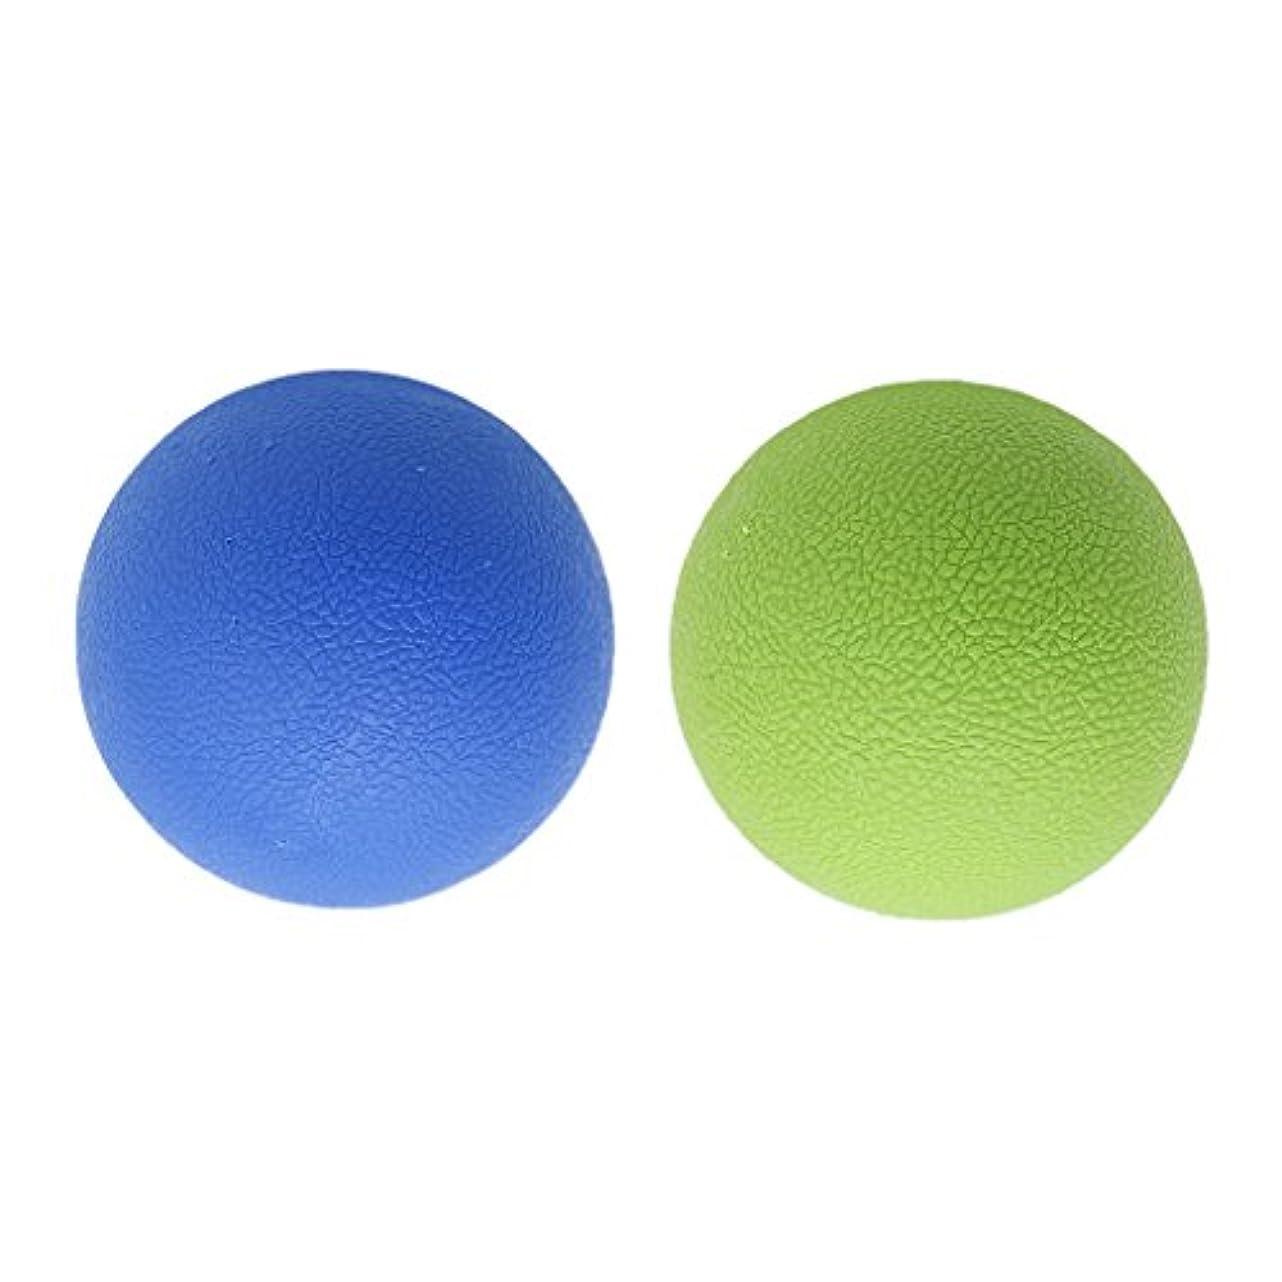 かび臭いシリーズ手当Baoblaze 2個 マッサージボール ラクロスボール トリガ ポイントマッサージ 弾性TPE 多色選べる - ブルーグリーン